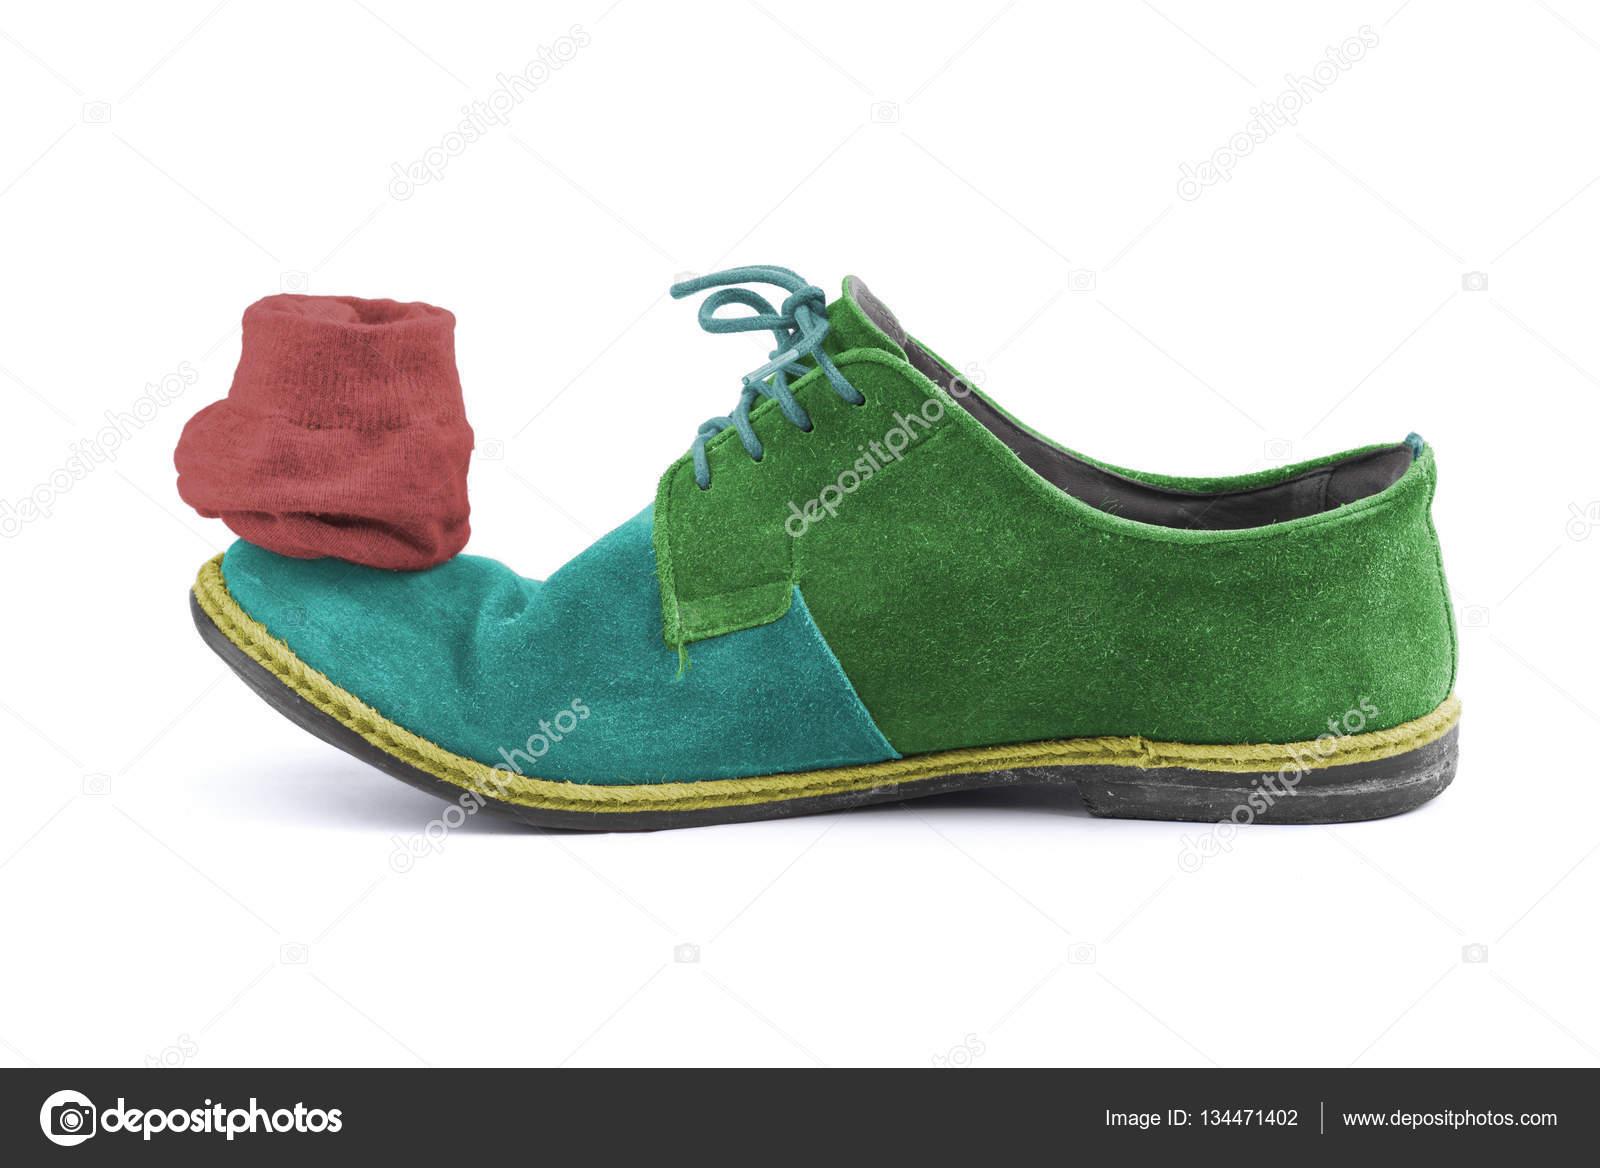 scarpe con il calzino verde